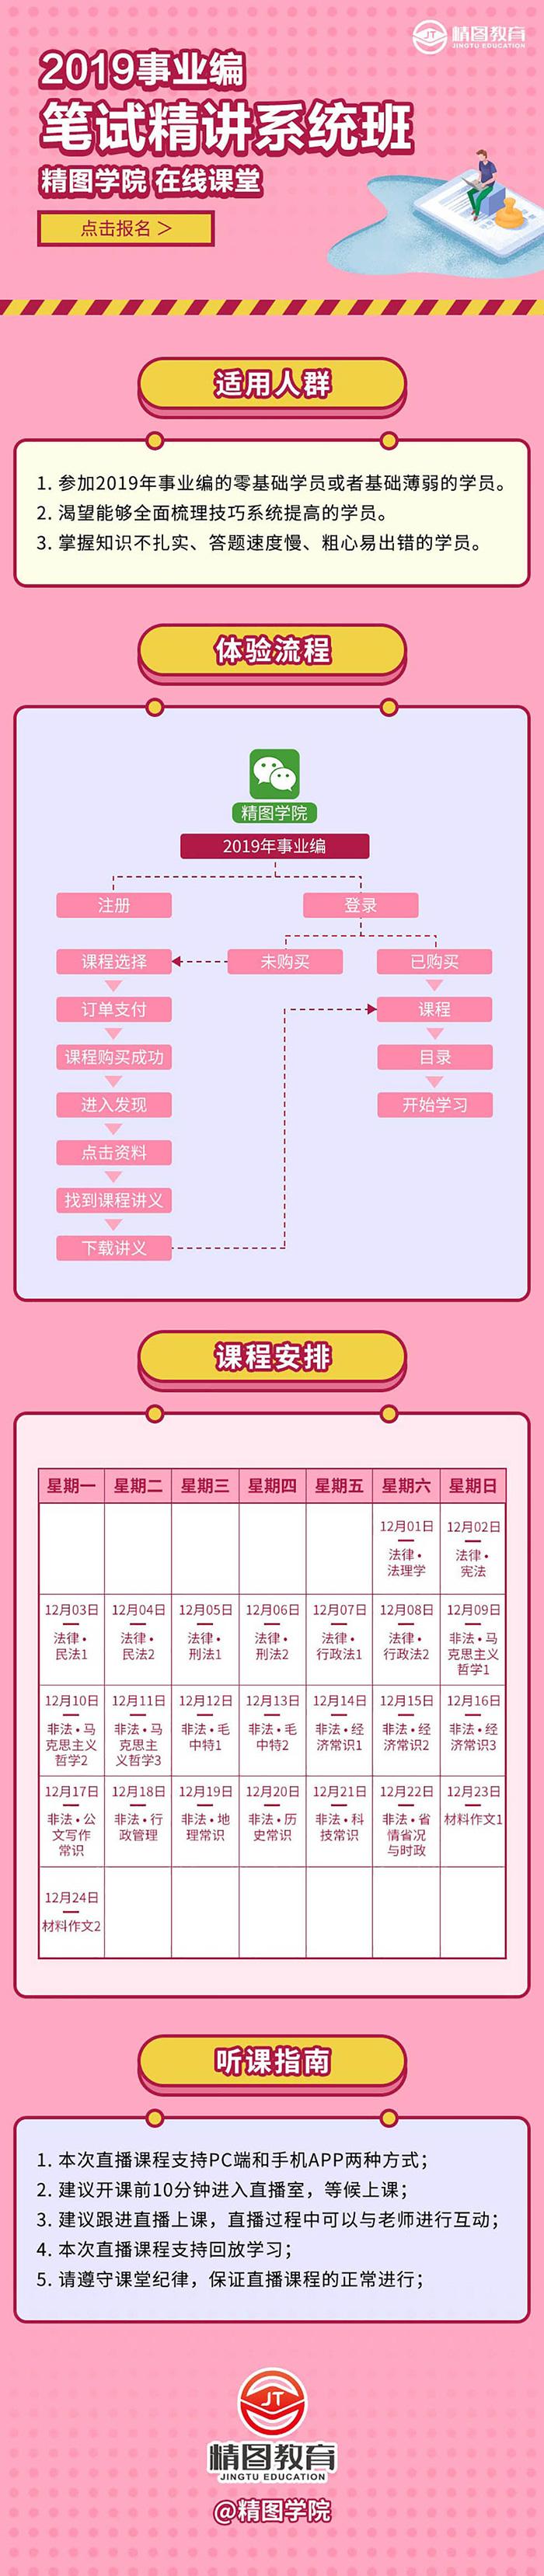 2019事业编笔试精讲系统班